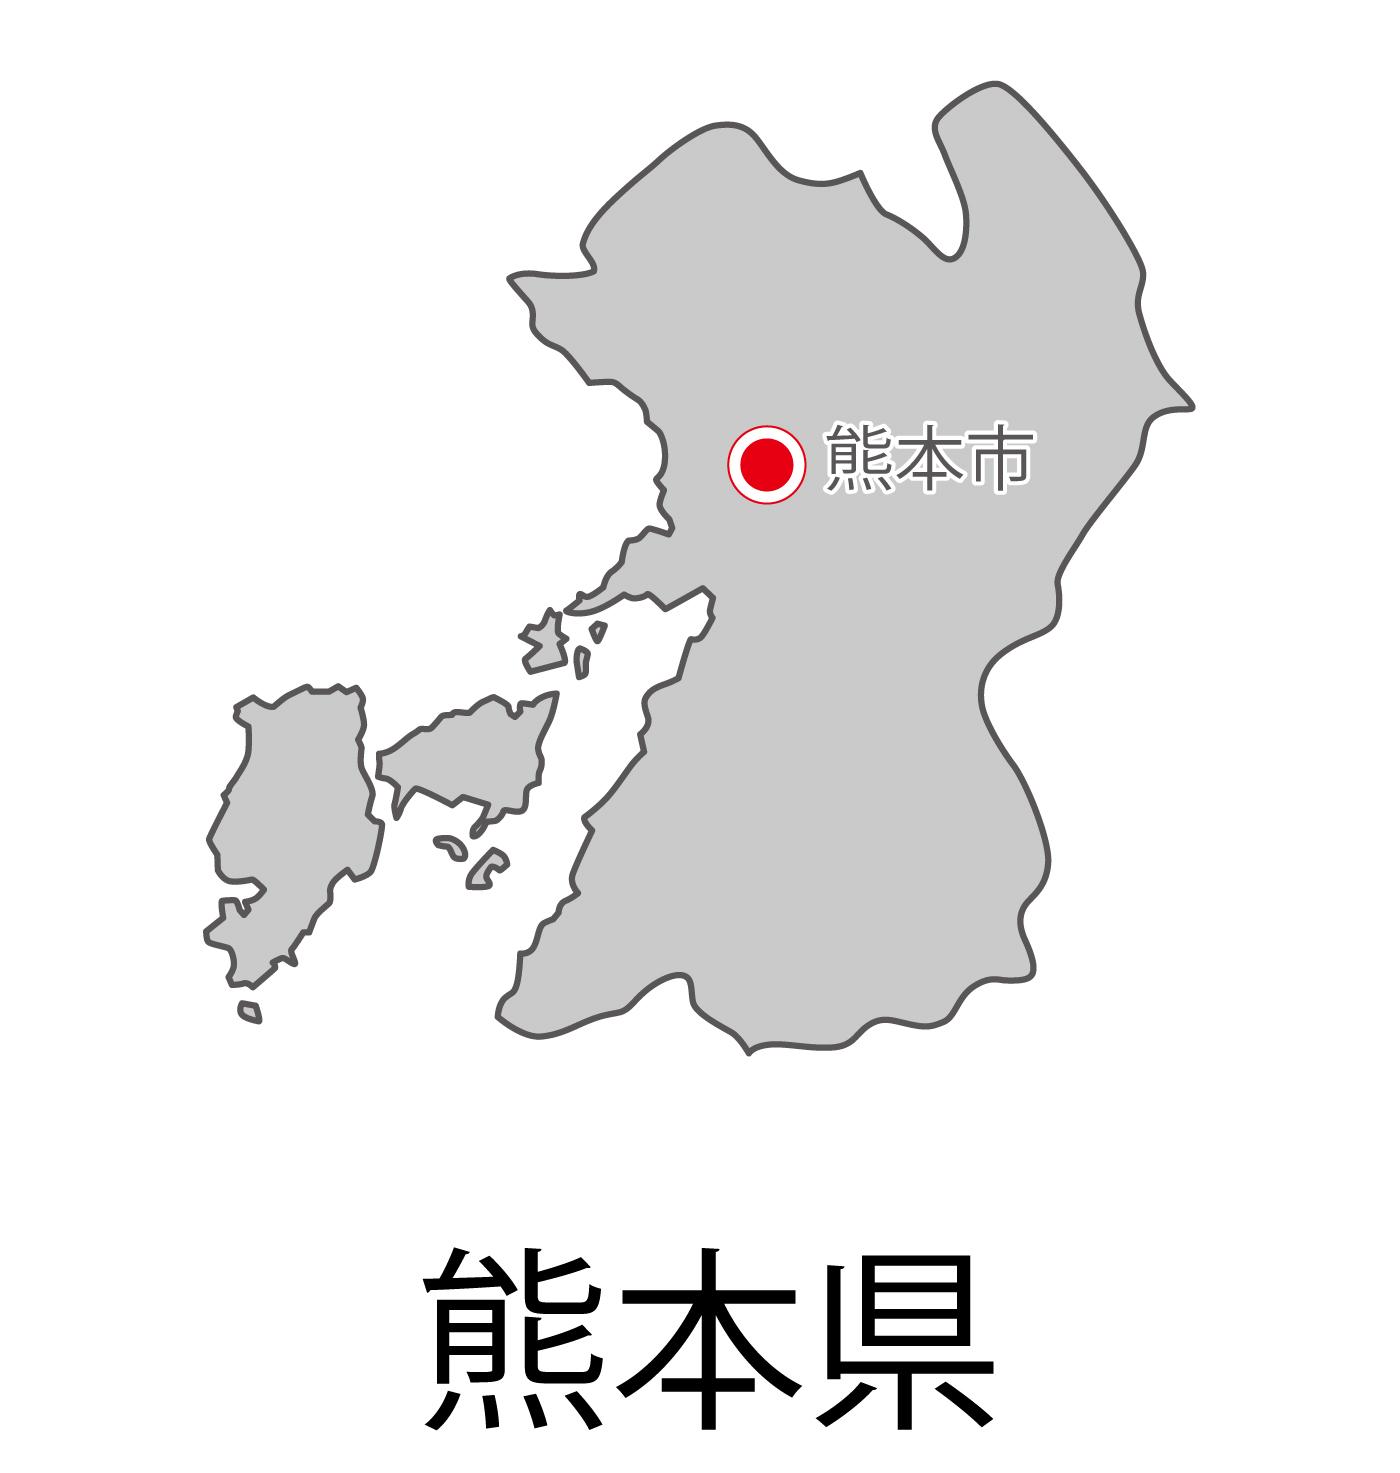 熊本県無料フリーイラスト|日本語・都道府県名あり・県庁所在地あり(グレー)